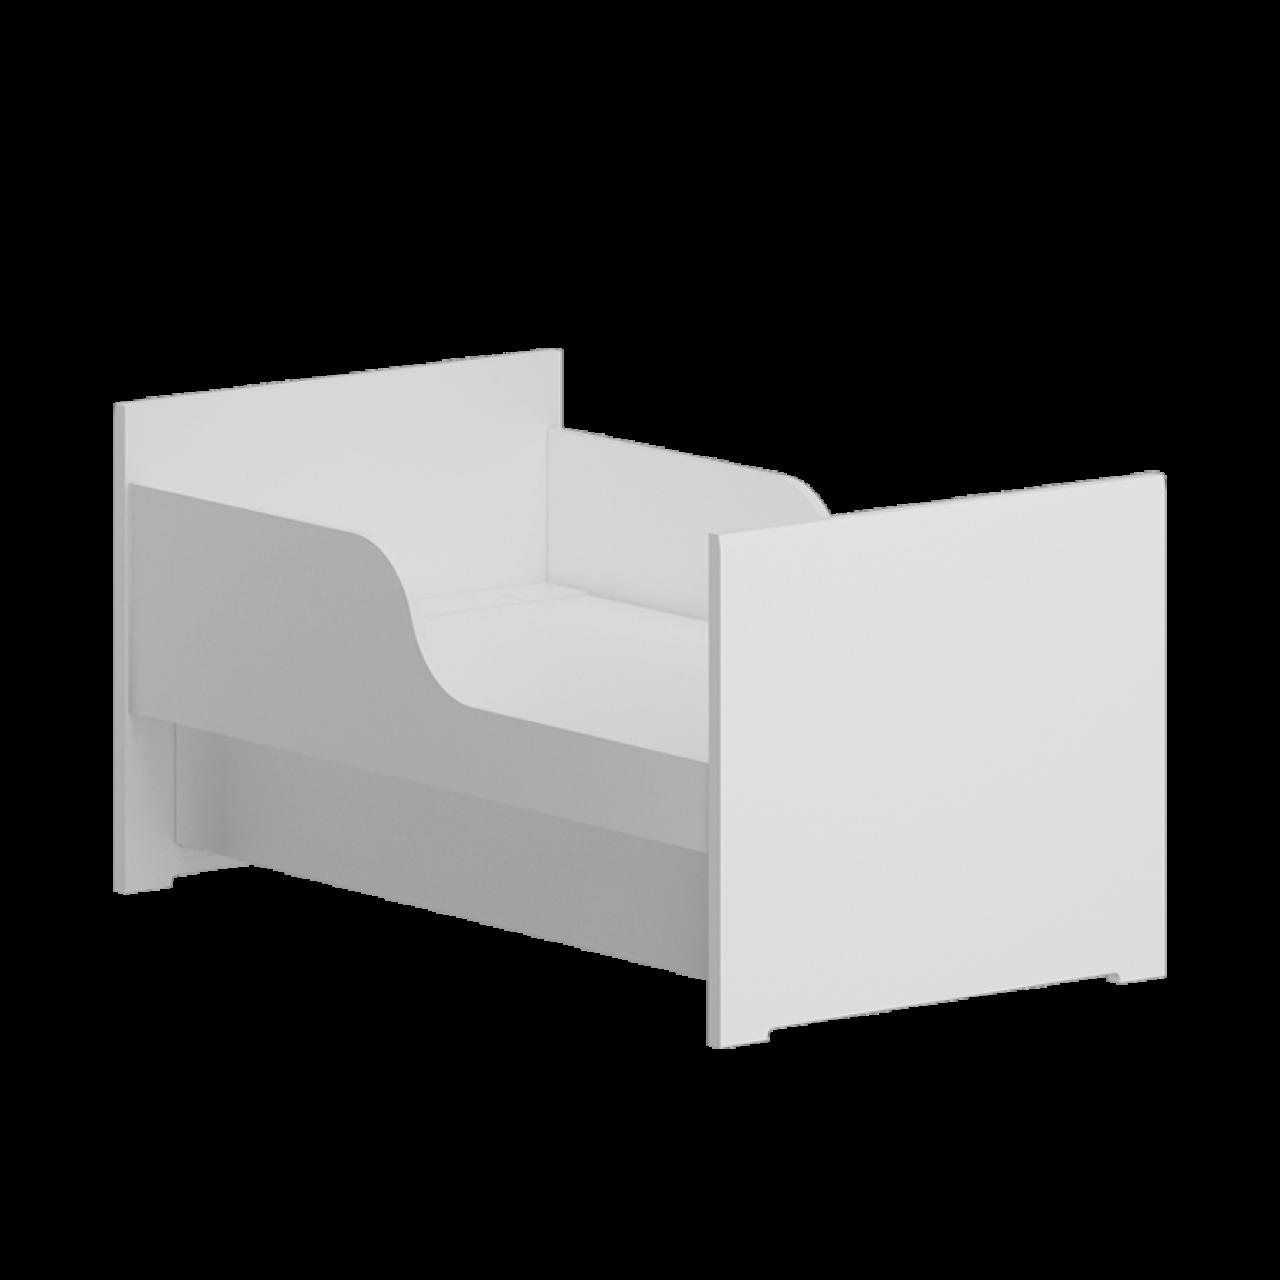 Berço Soft Grade Ripada - Divicar  Ref:3183BA8